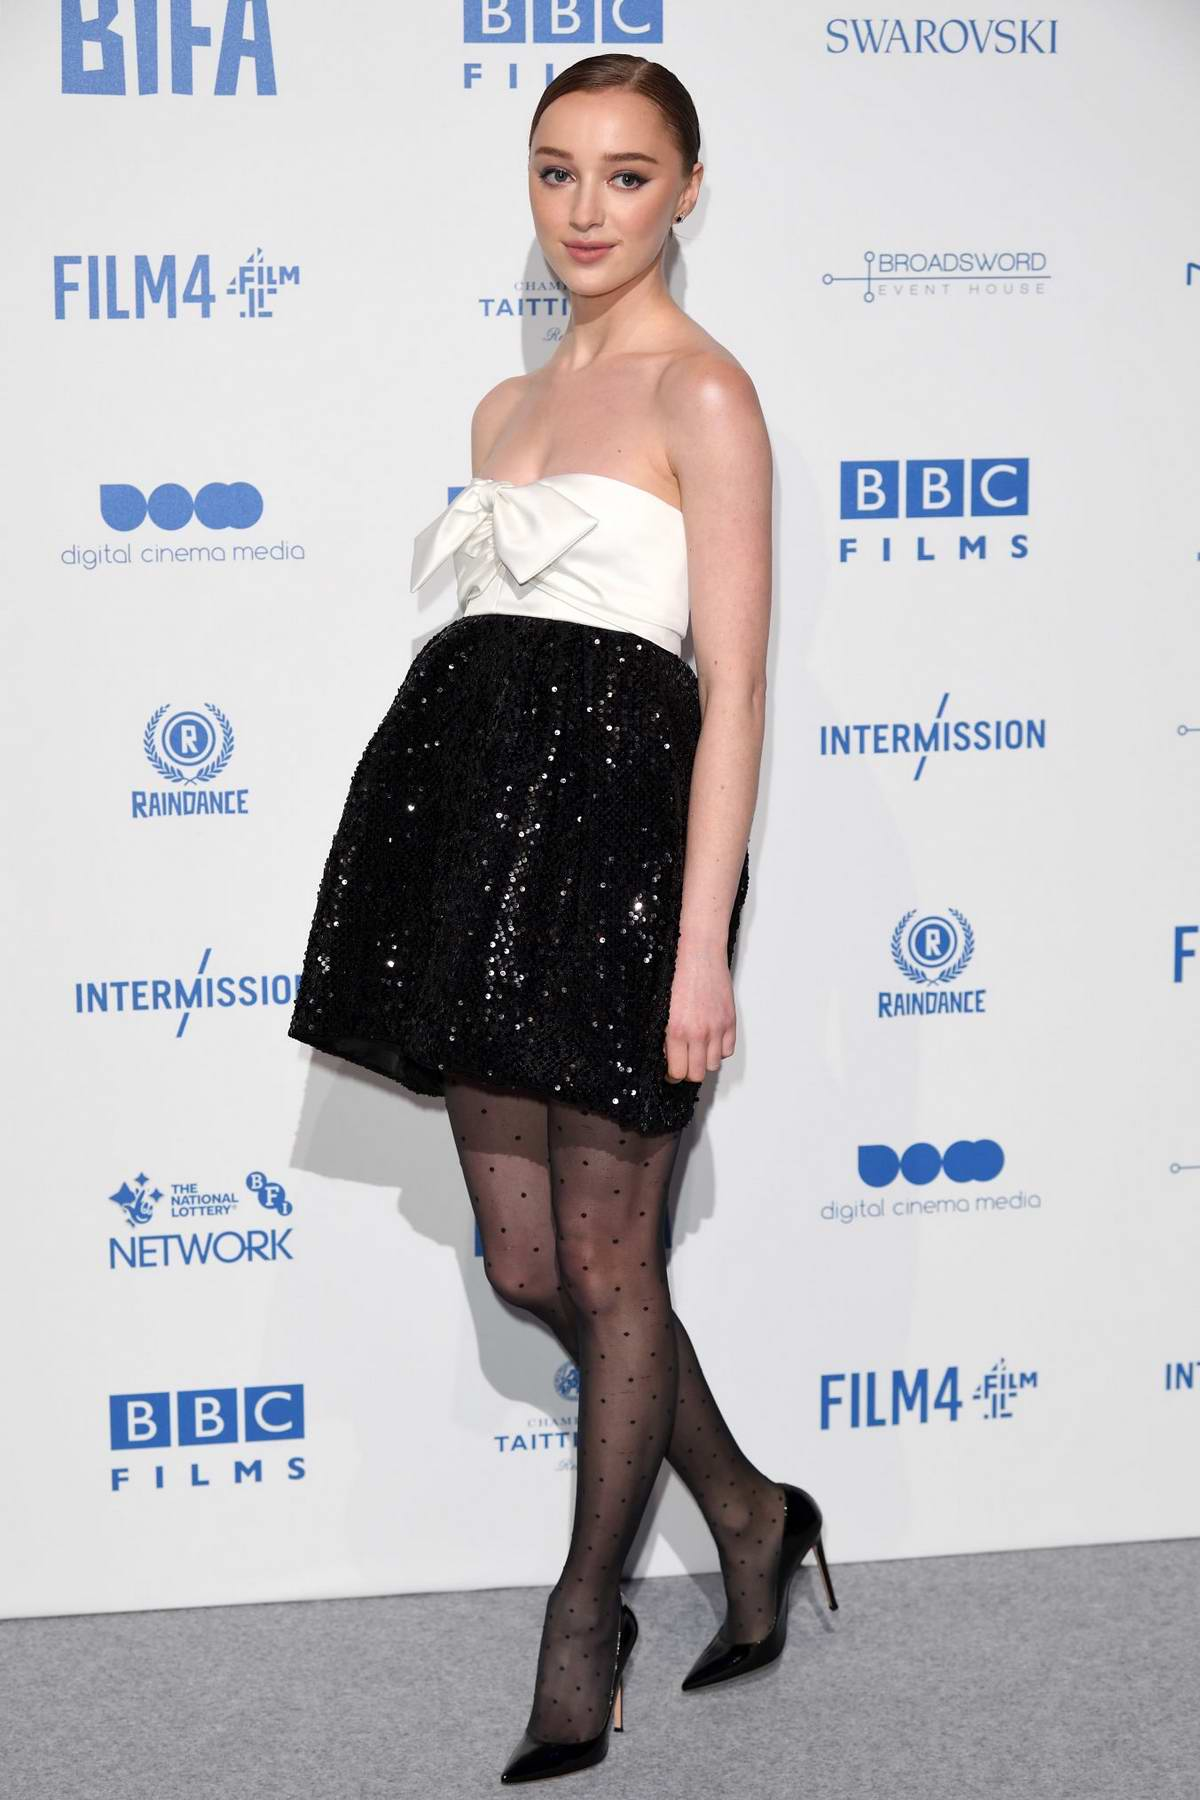 Phoebe Dynevor attends the British Independent Film Awards 2019 at Old Billingsgate in London, UK